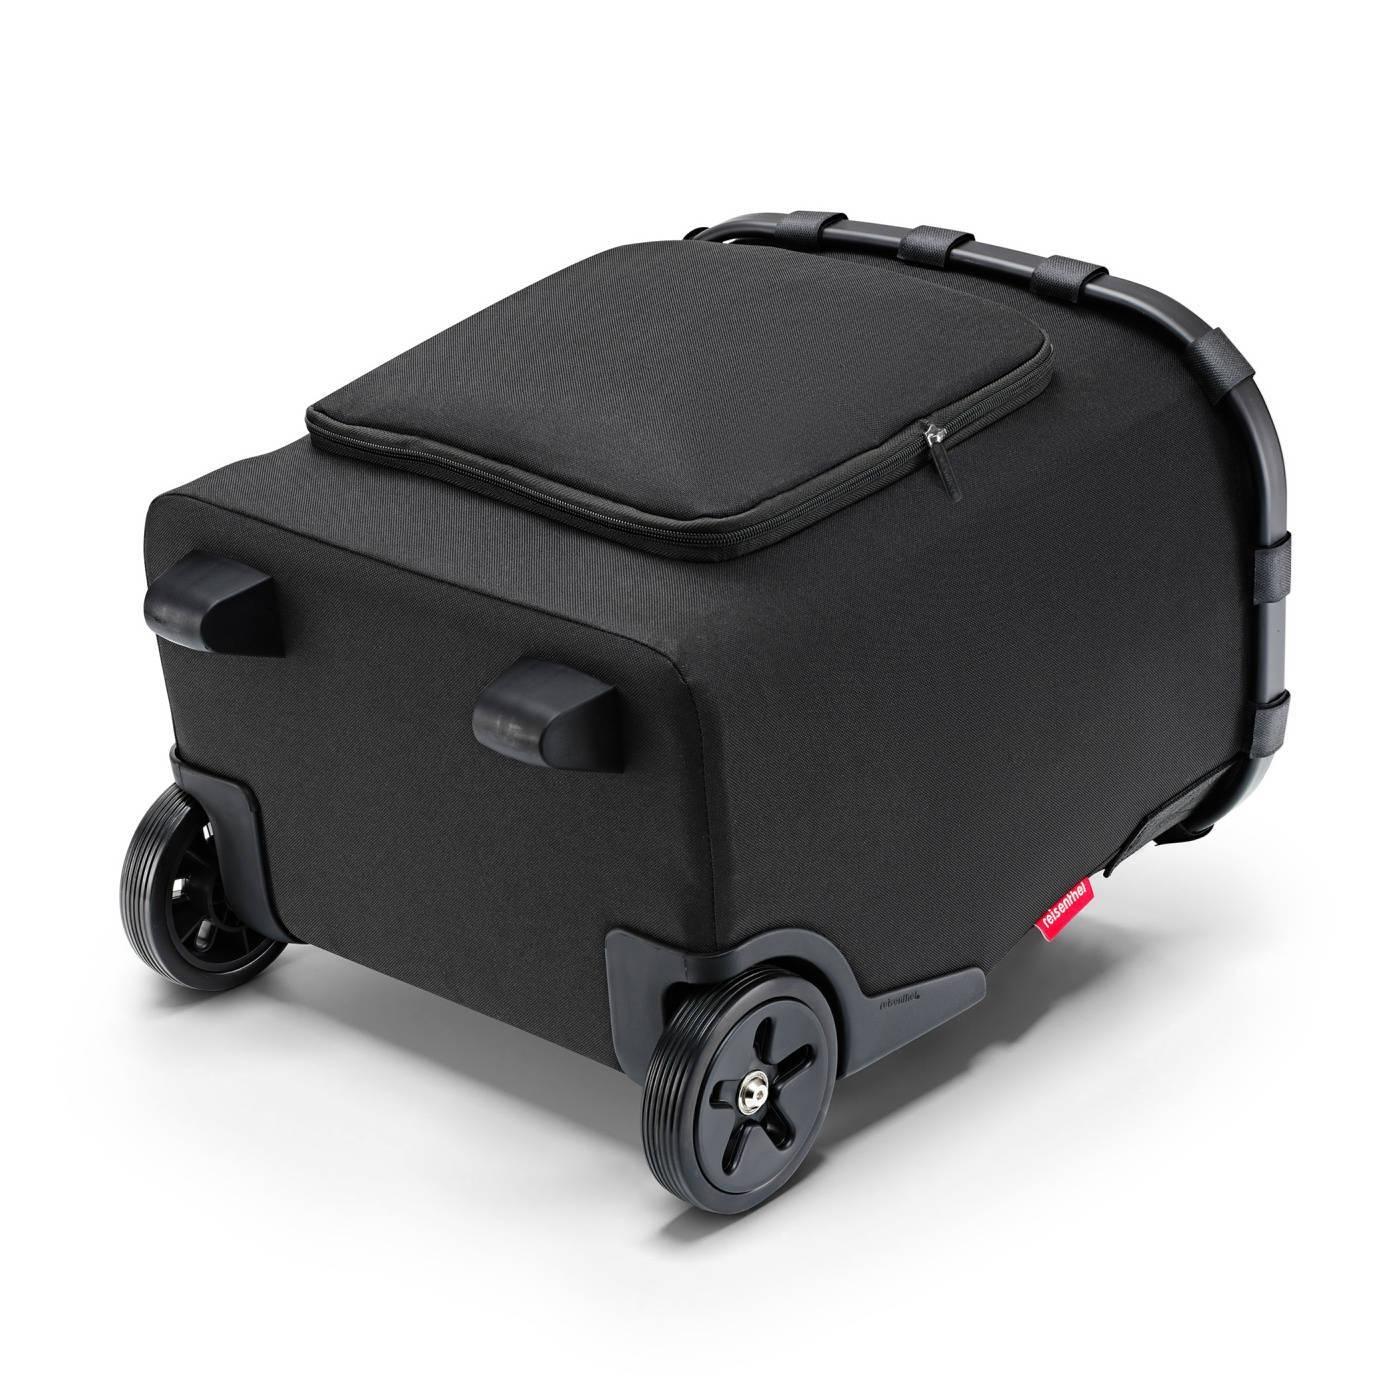 Taška na kolečkách Carrycruiser plus frame black_3